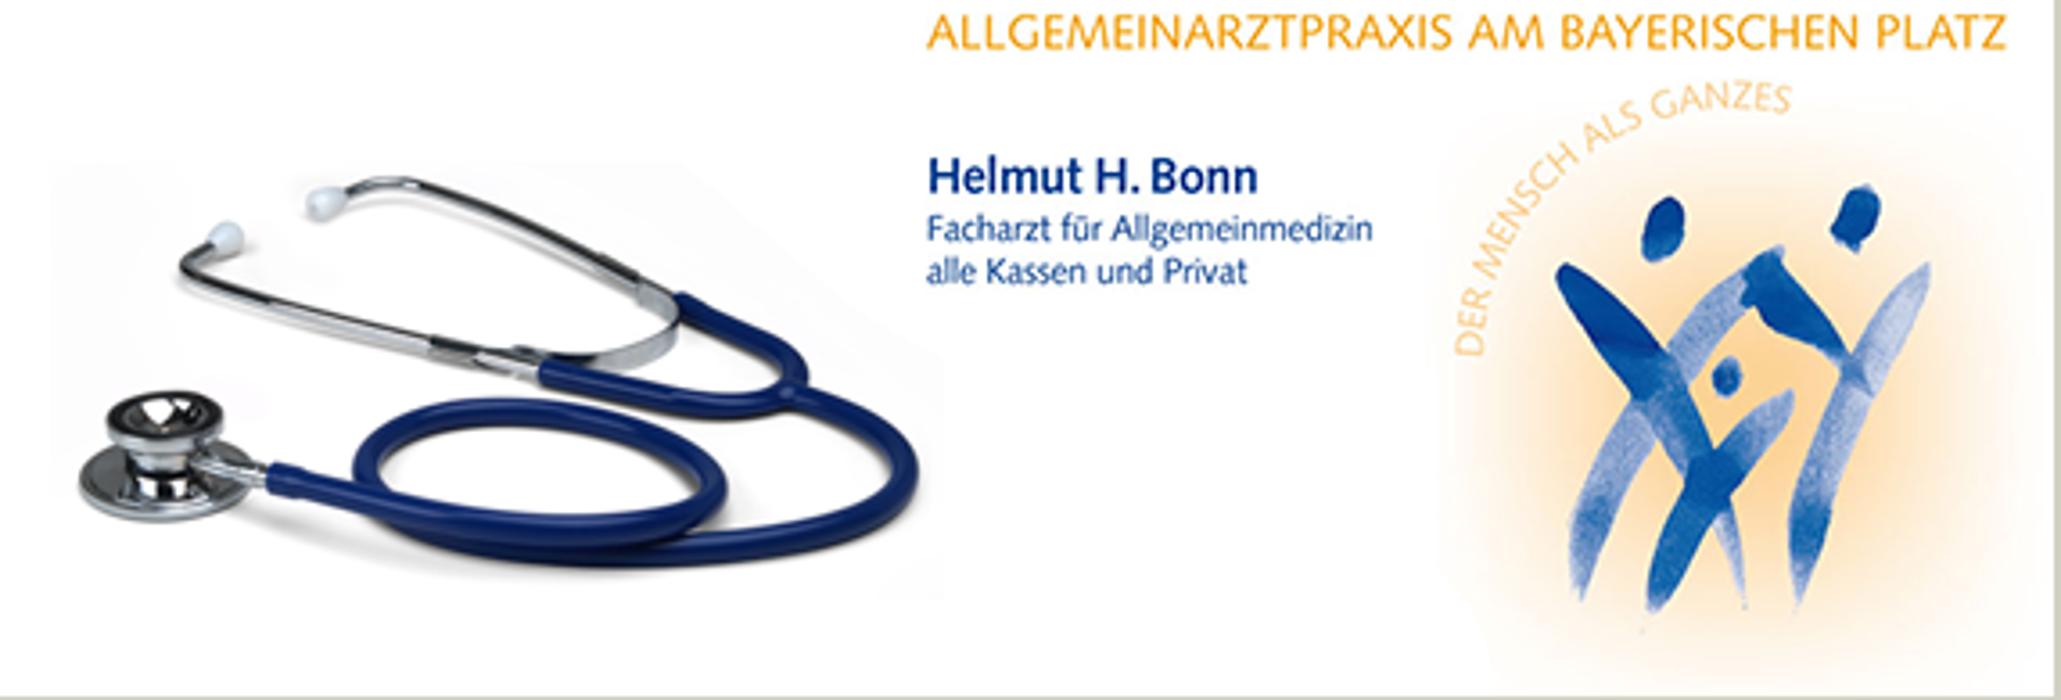 Bild zu Helmut H. Bonn Facharzt für Allgemeinmedizin in Berlin